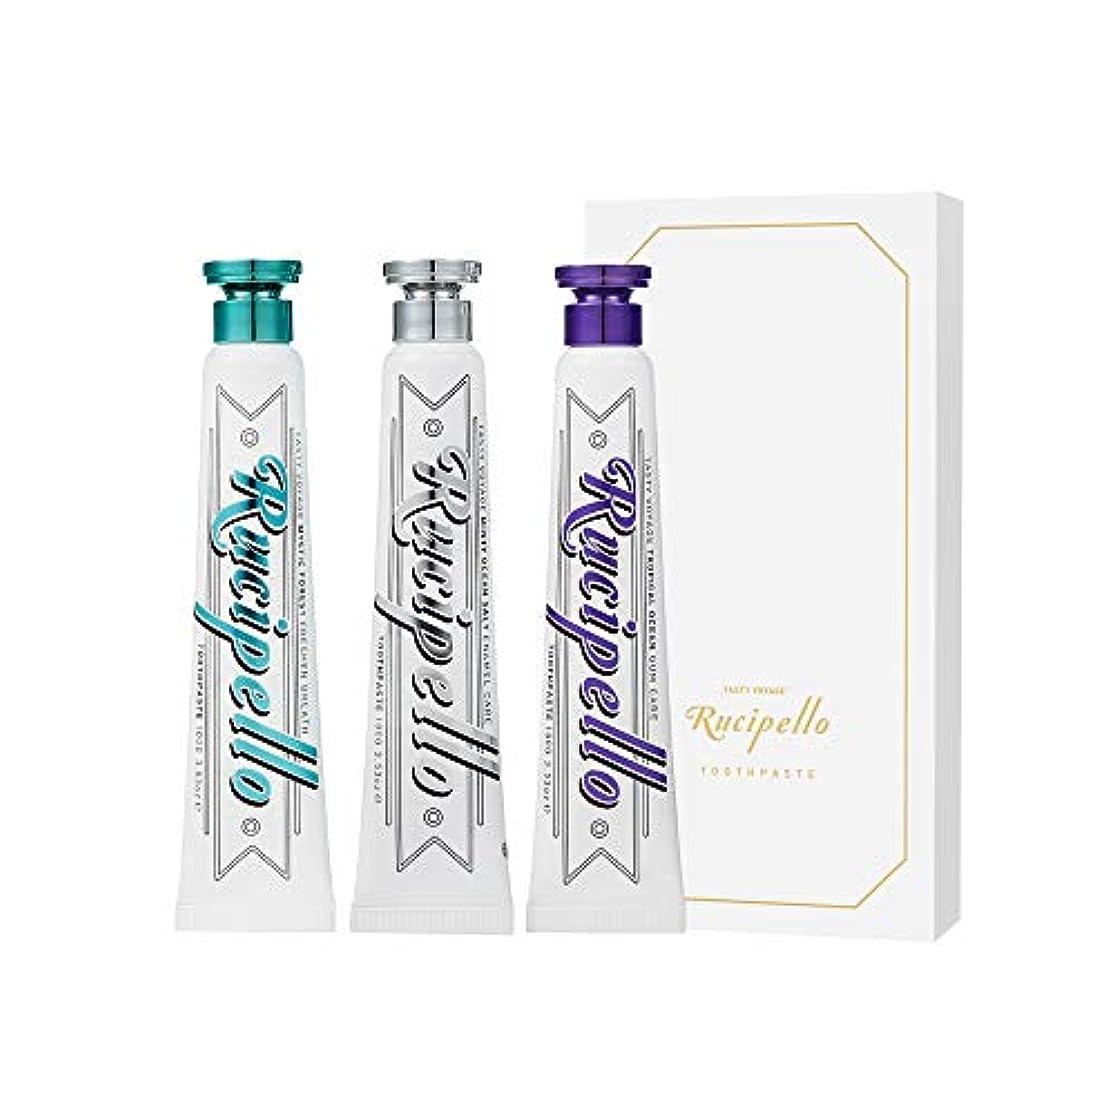 気味の悪い悲鳴モーテル[ルチペッロ] Rucipello 歯磨き粉3種のプレゼントセット 100g x 3 本 (海外直送品)